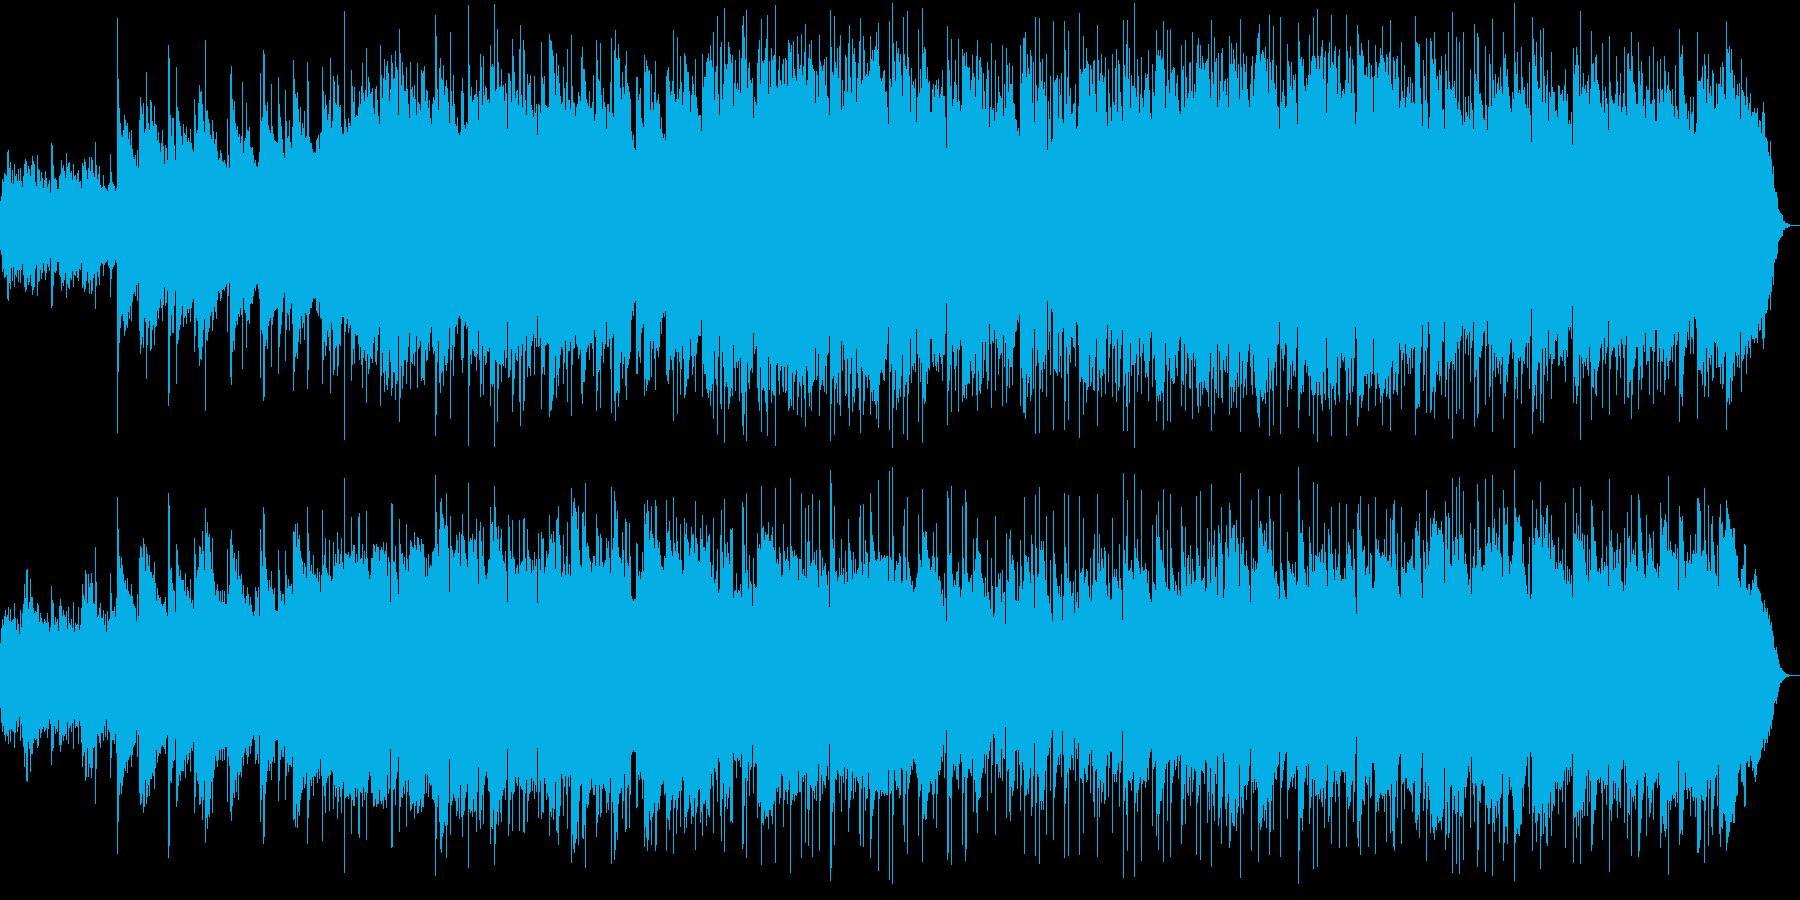 ゆったりとしたリラクゼーション曲の再生済みの波形